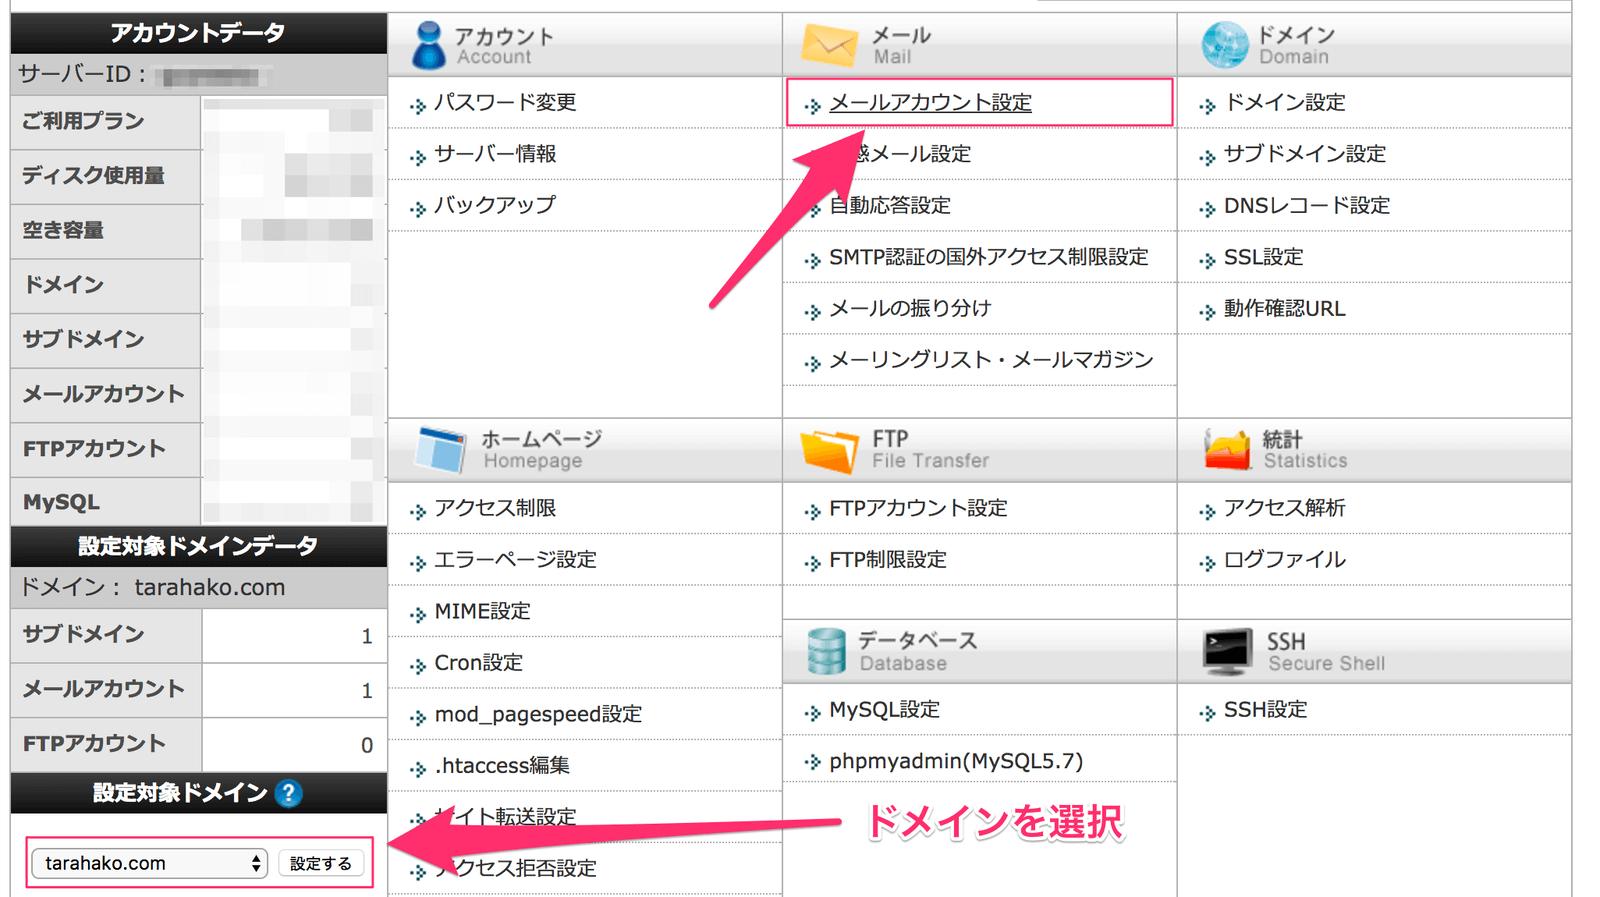 エックスサーバーのサーバーパネルからドメイン選択してメールアカウント設定を開く